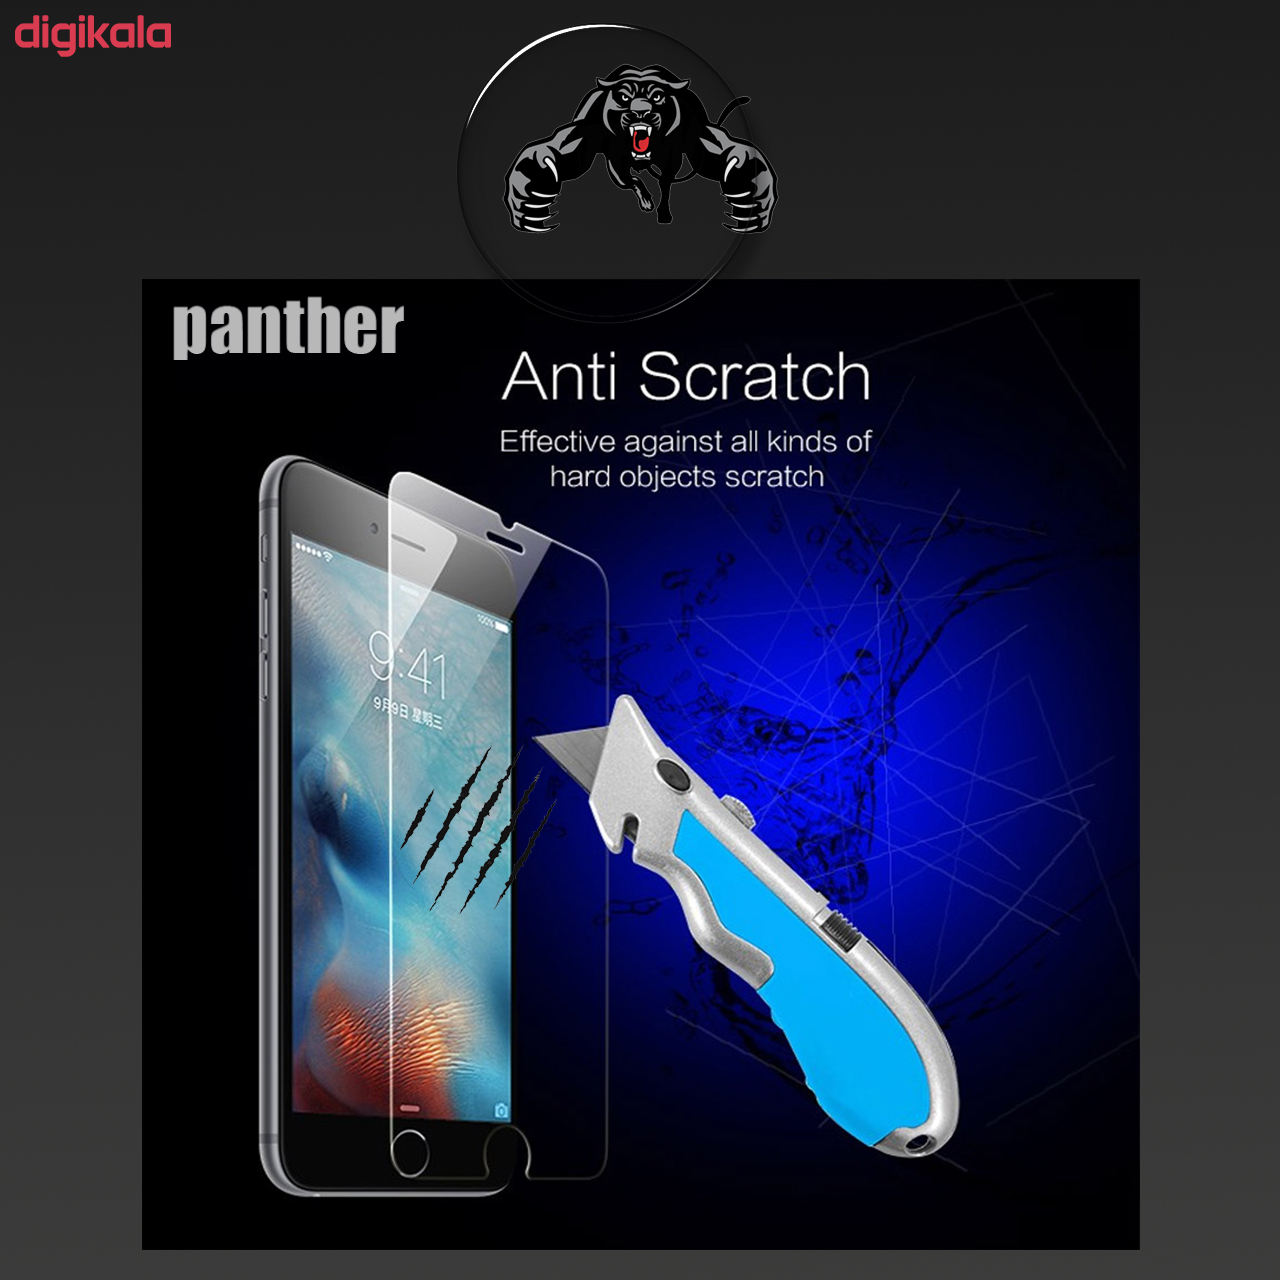 محافظ صفحه نمایش پنتر مدل SDP-099 مناسب برای گوشی موبایل سامسونگ Galaxy A10S main 1 3